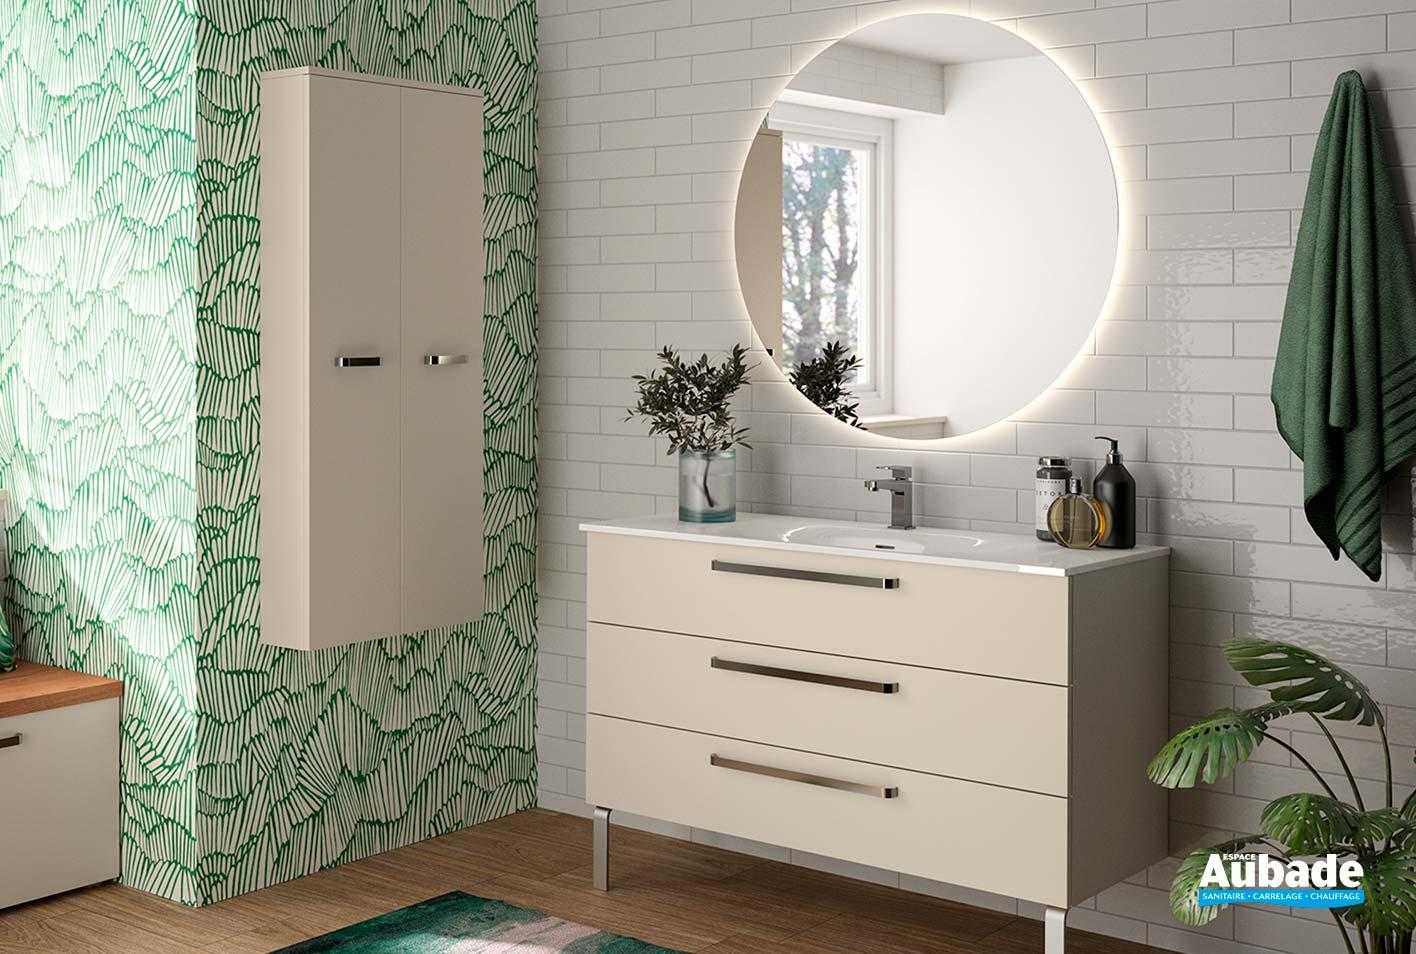 Salle De Bain Chocolat Turquoise meuble salle de bain zoé cedam | espace aubade